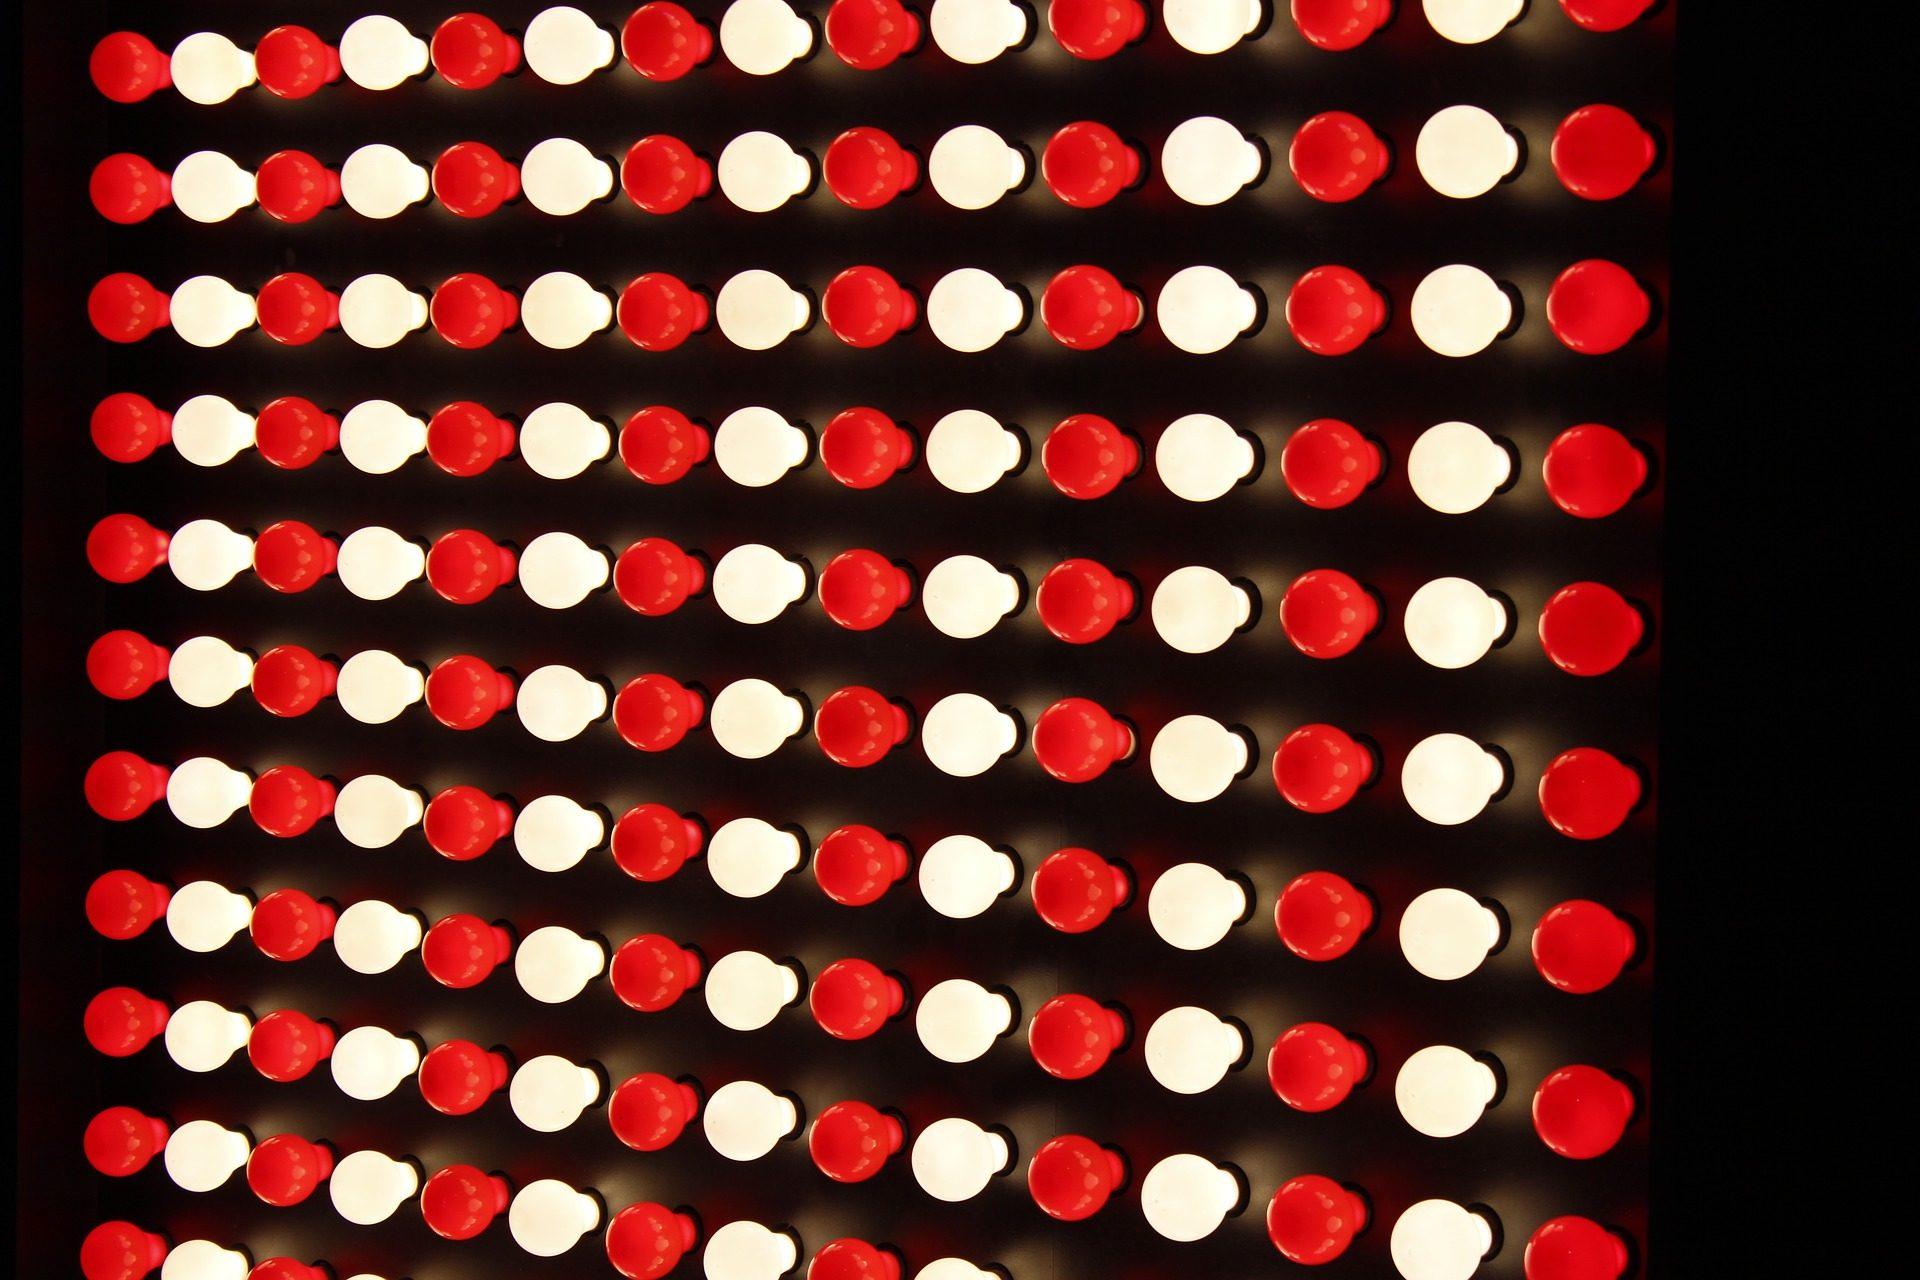 λάμπες φωτός, φώτα, χρώματα, φωτισμός, σχεδιασμό του πλοίου, ποσότητα - Wallpapers HD - Professor-falken.com